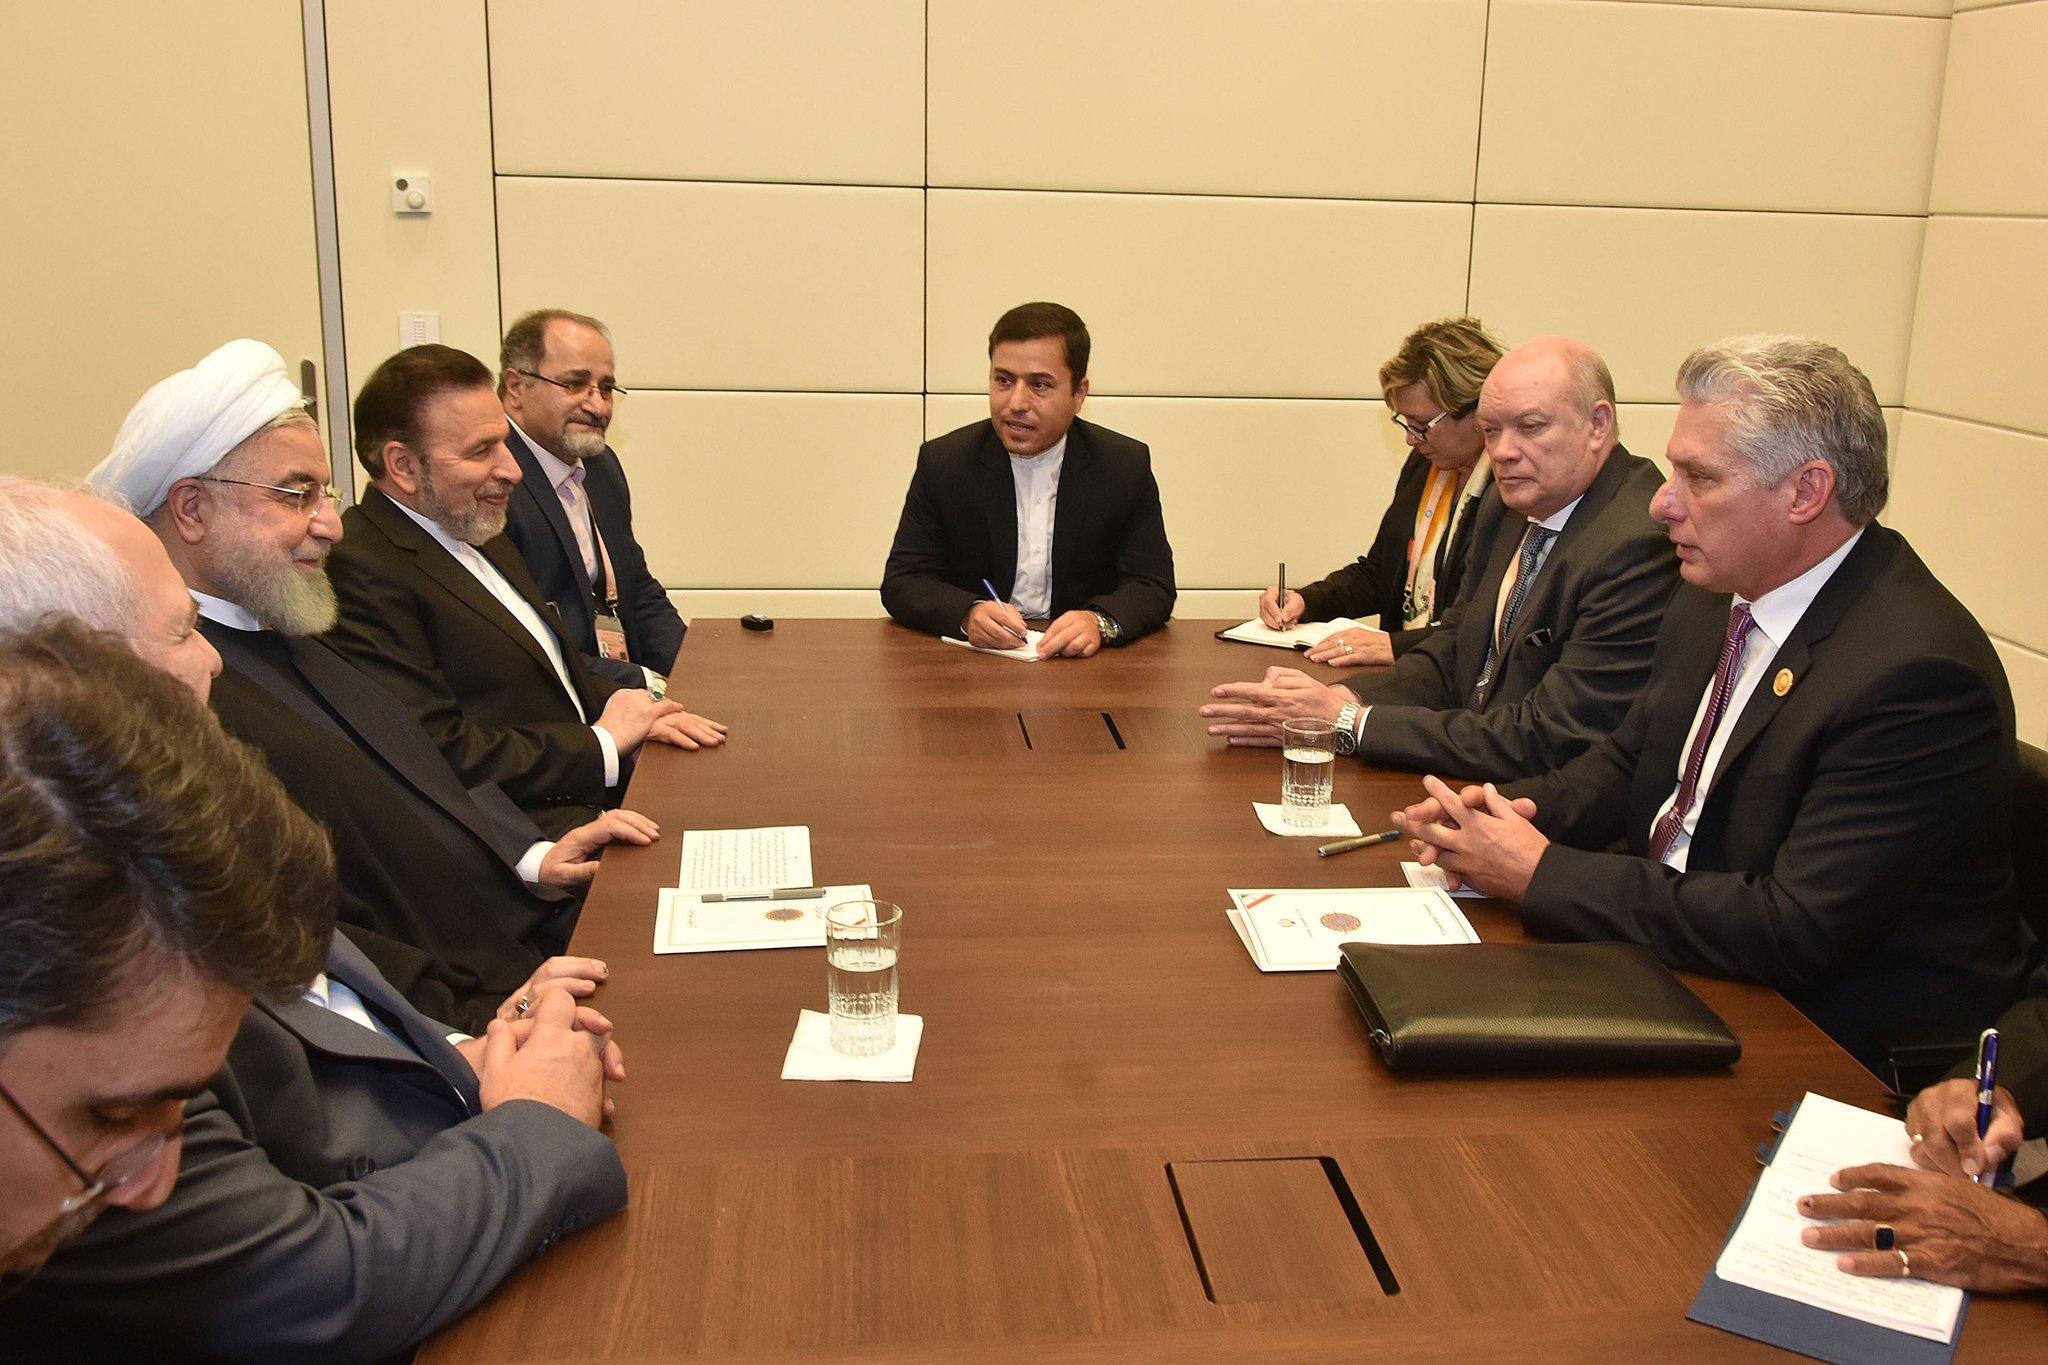 Sostuvo Presidente de Cuba fraternal intercambio con líderes de varias naciones (+ Tuit)